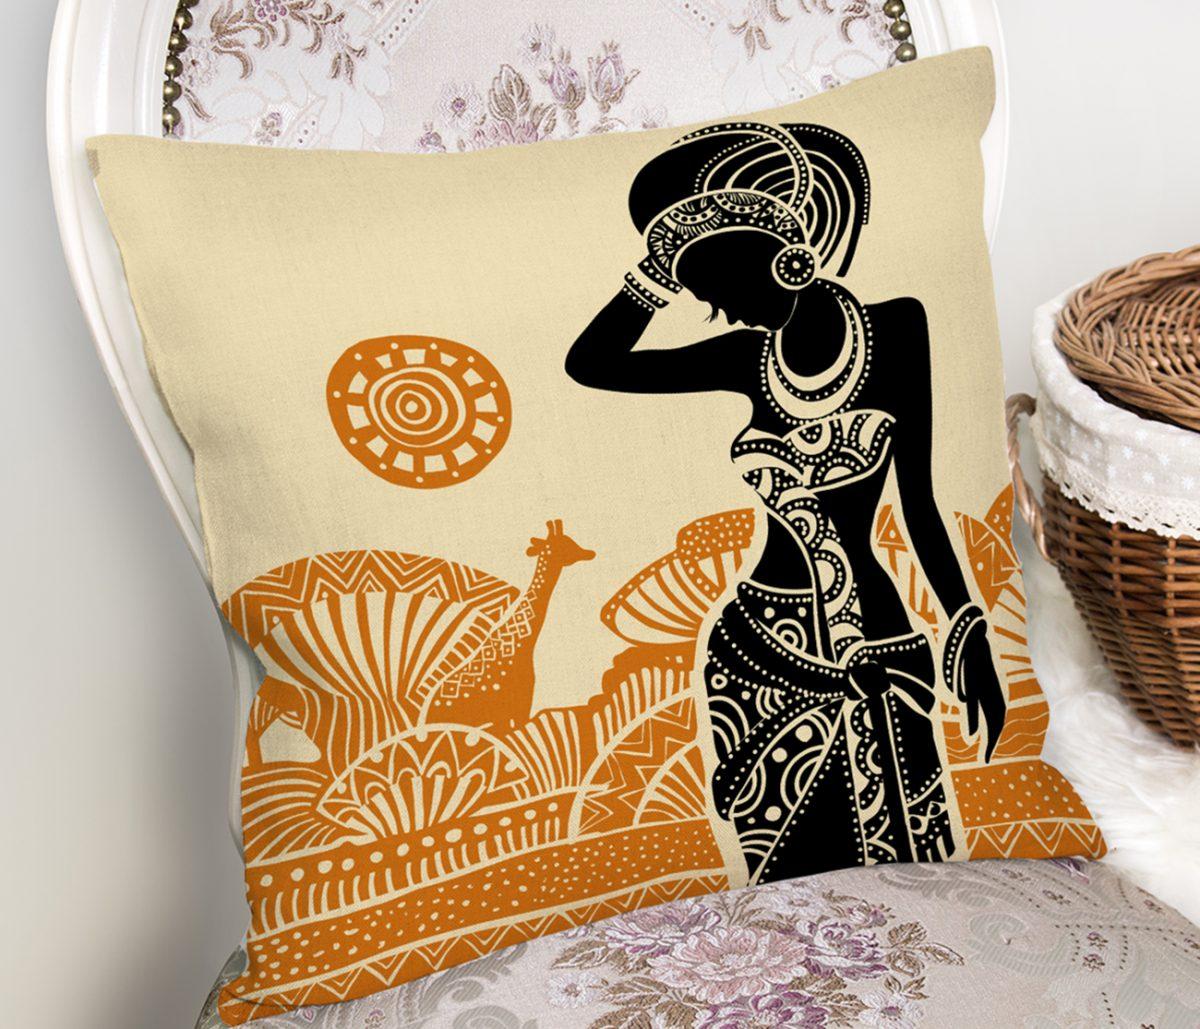 Etnik Desen Zeminli Afrika Kadın Motifli Dekoratif Yastık Kılıfı Realhomes